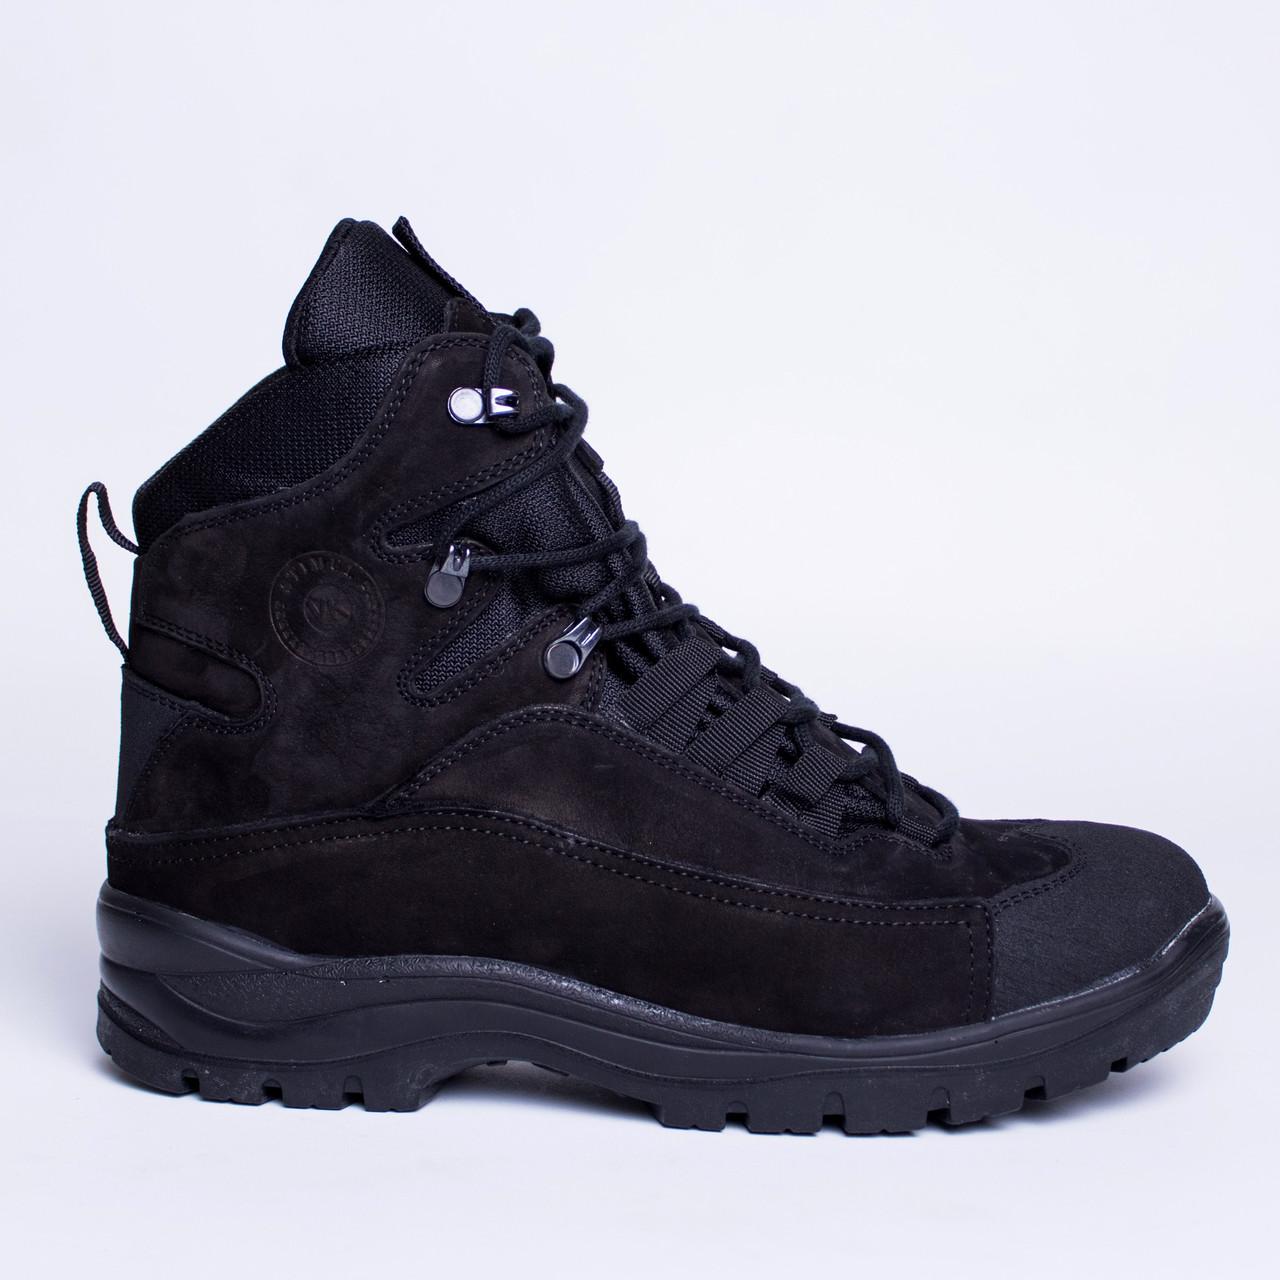 Ботинки Тактические, Зимние Гром Черный